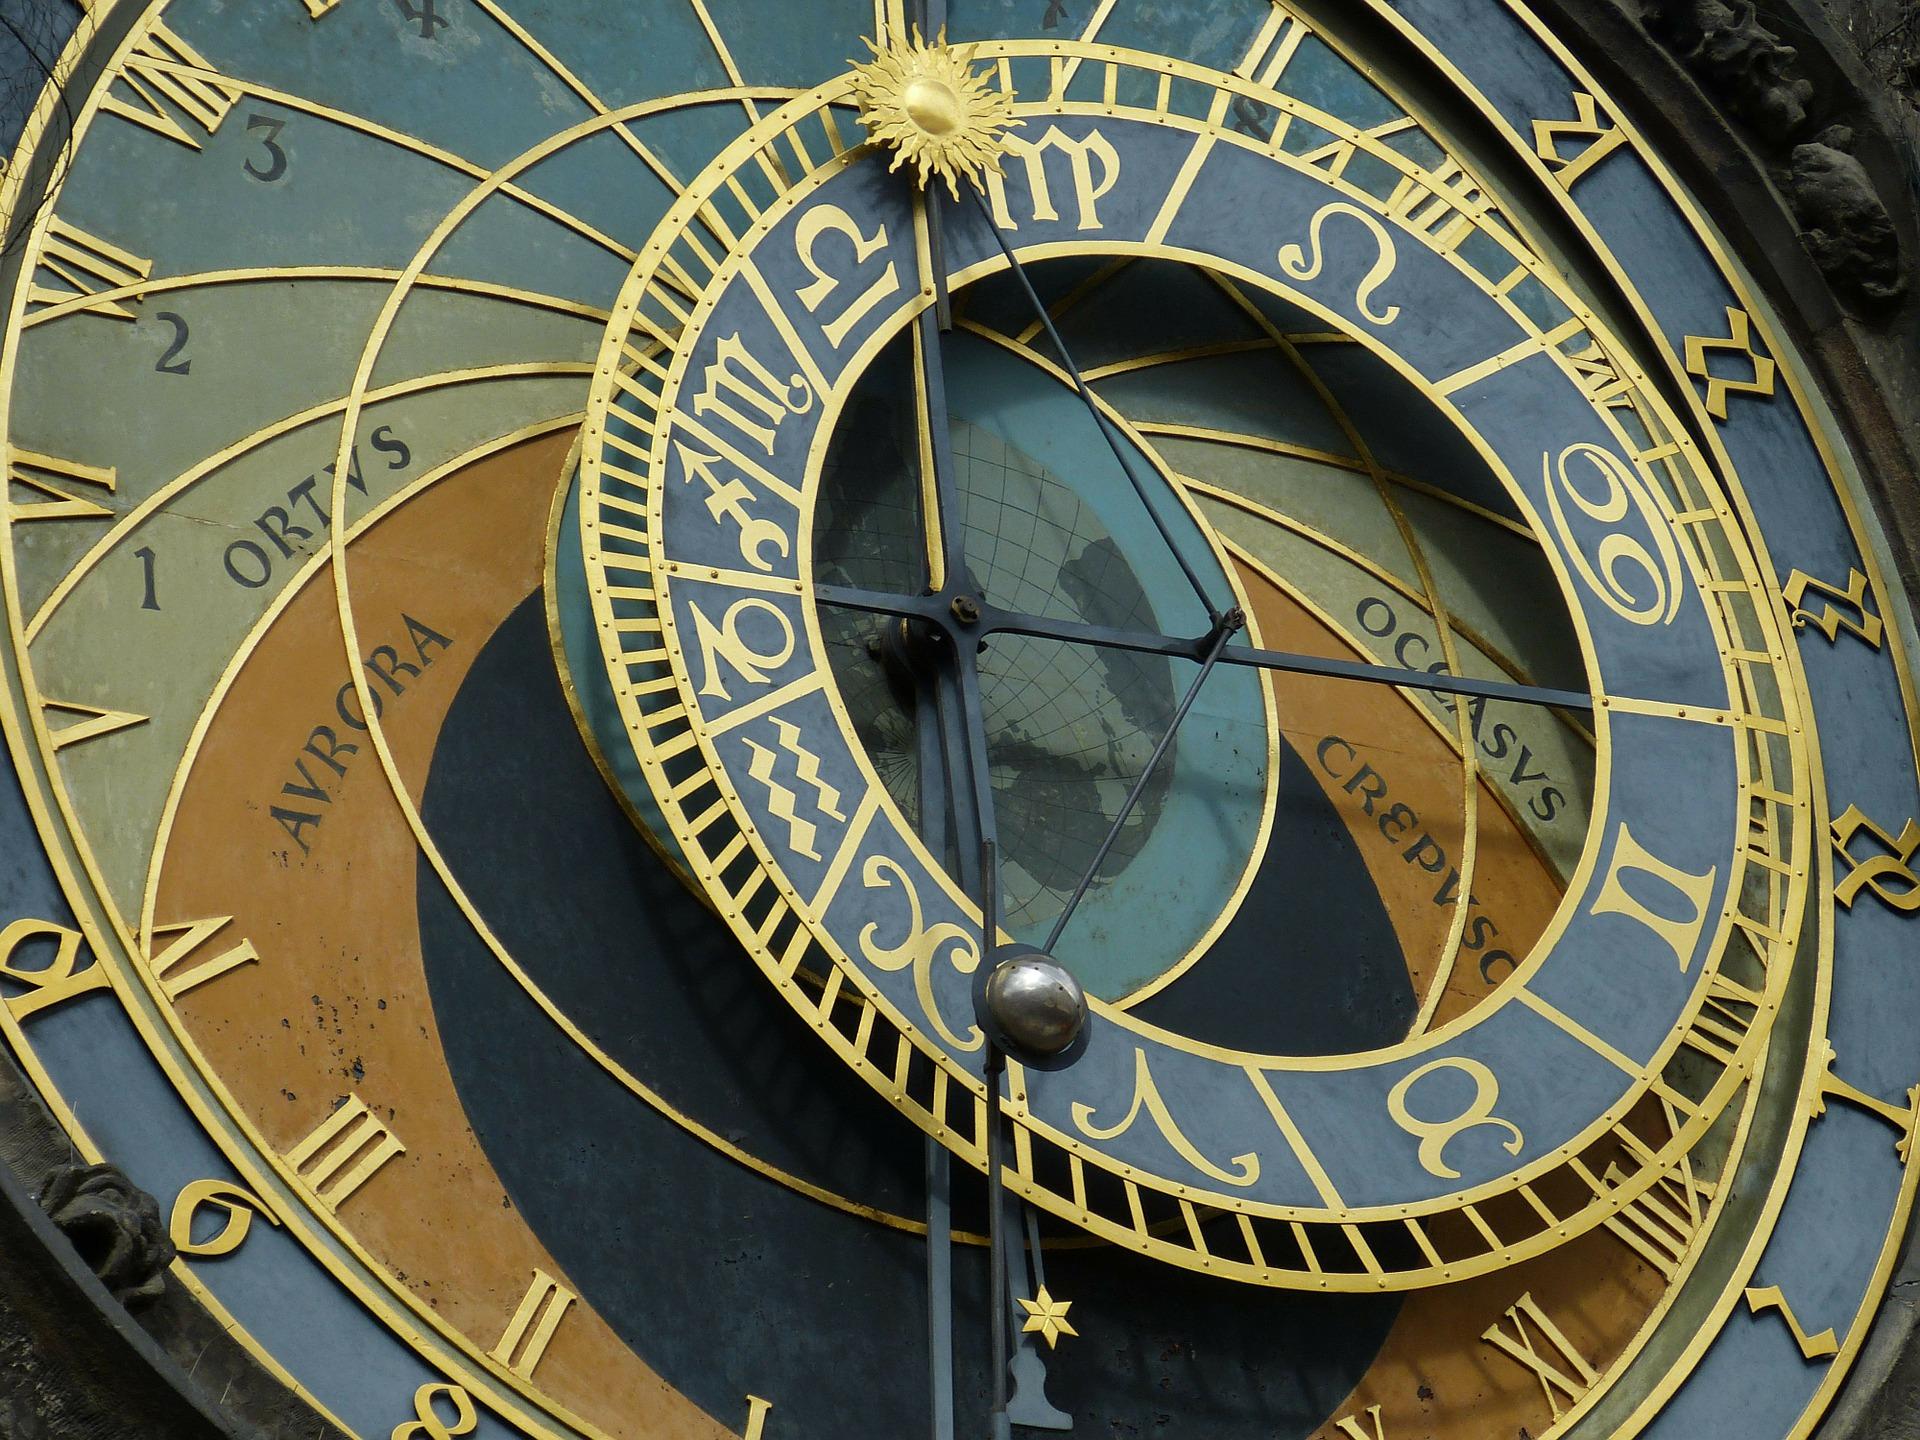 Μηνιαίες αστρολογικές προβλέψεις για τον Απρίλιο 2020